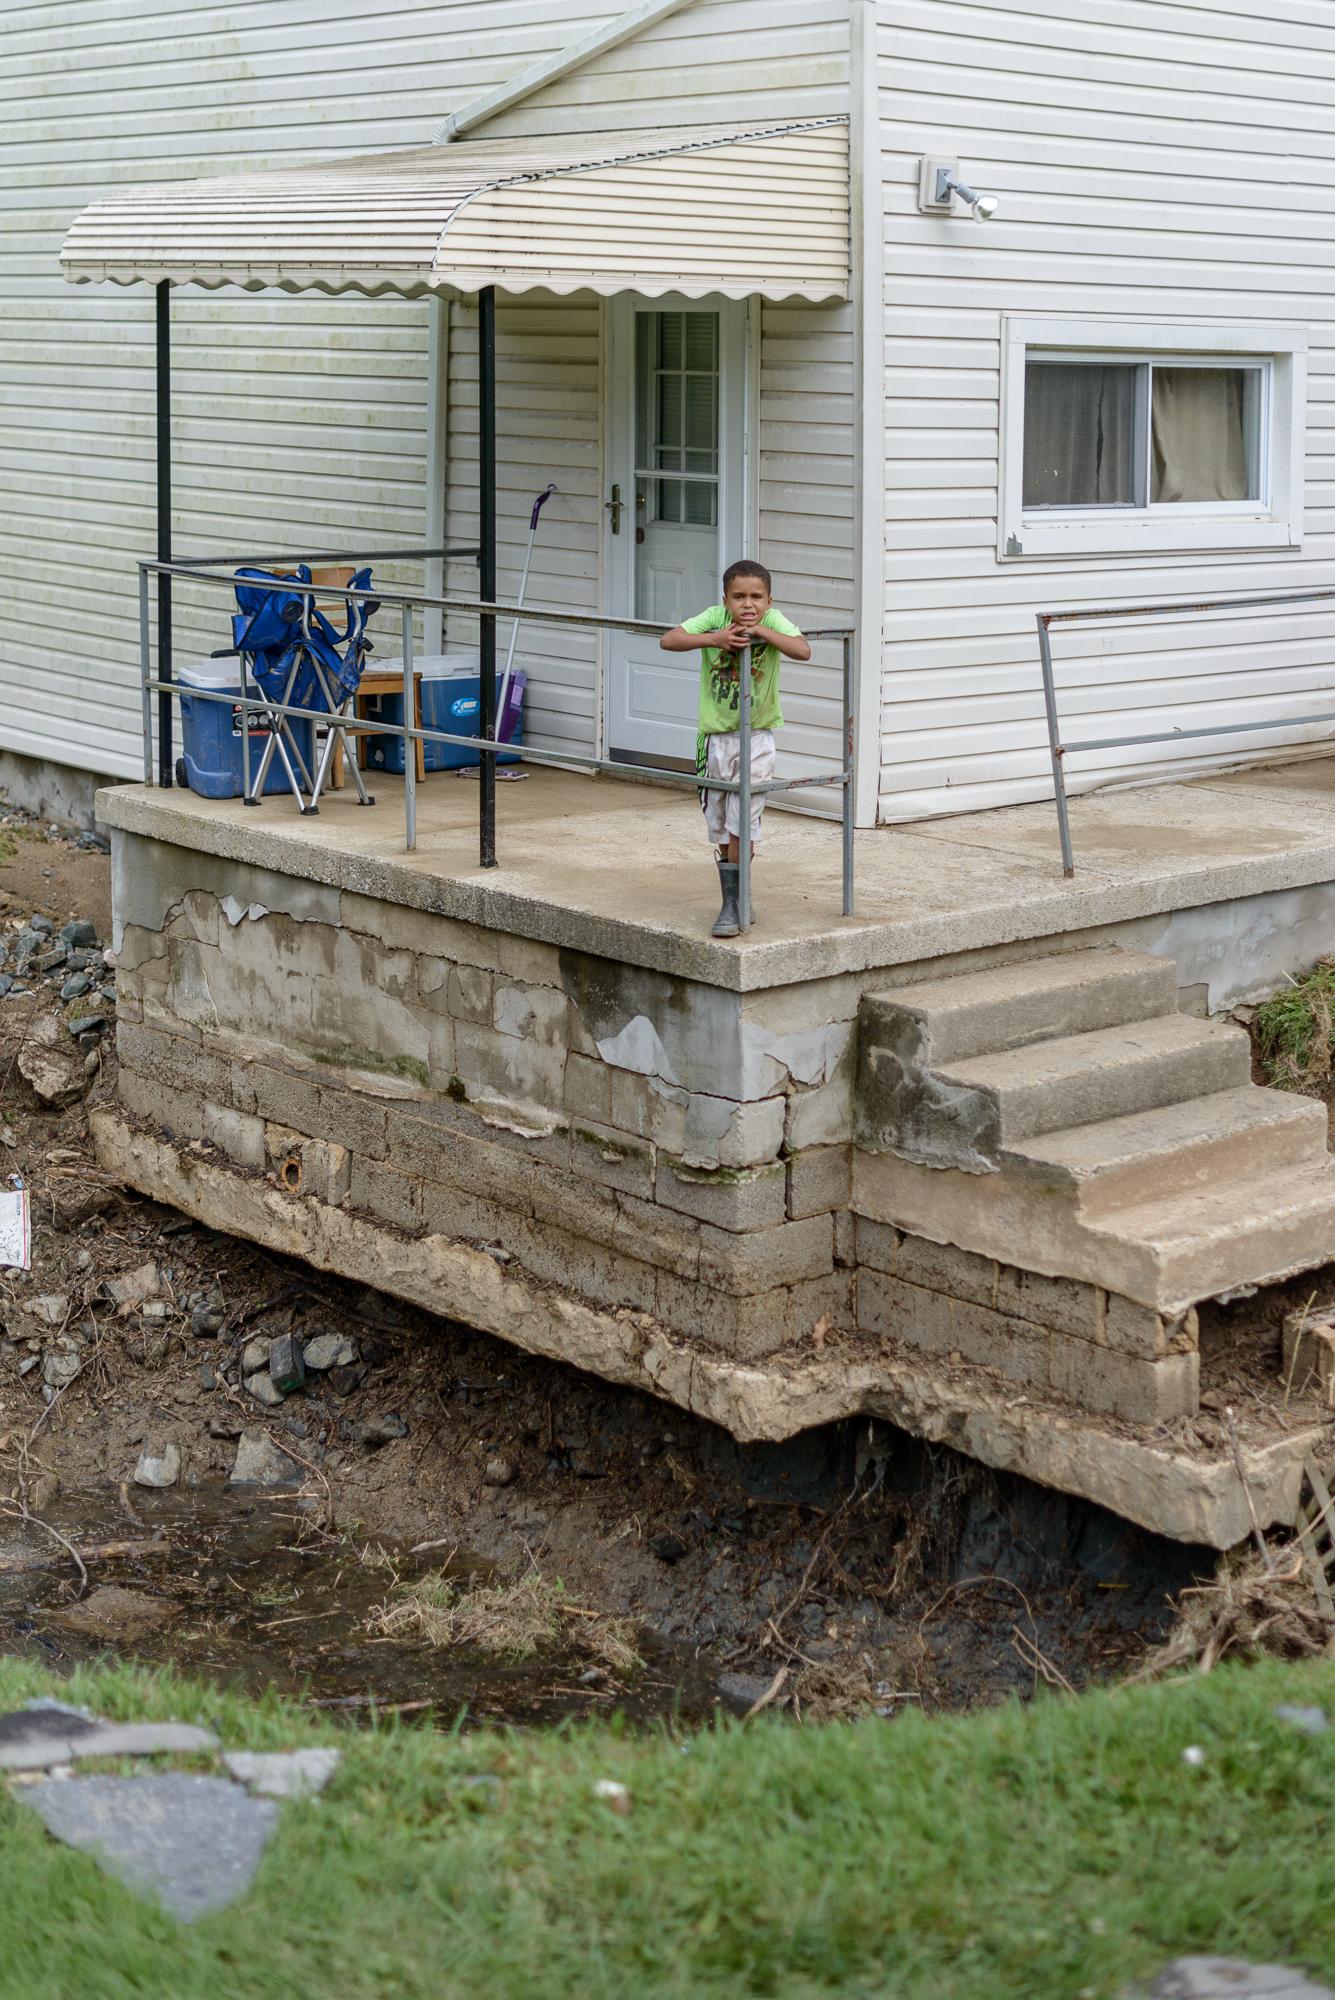 Camari and the Neighbor's Sinkhole, Ellicott City, Maryland, 201